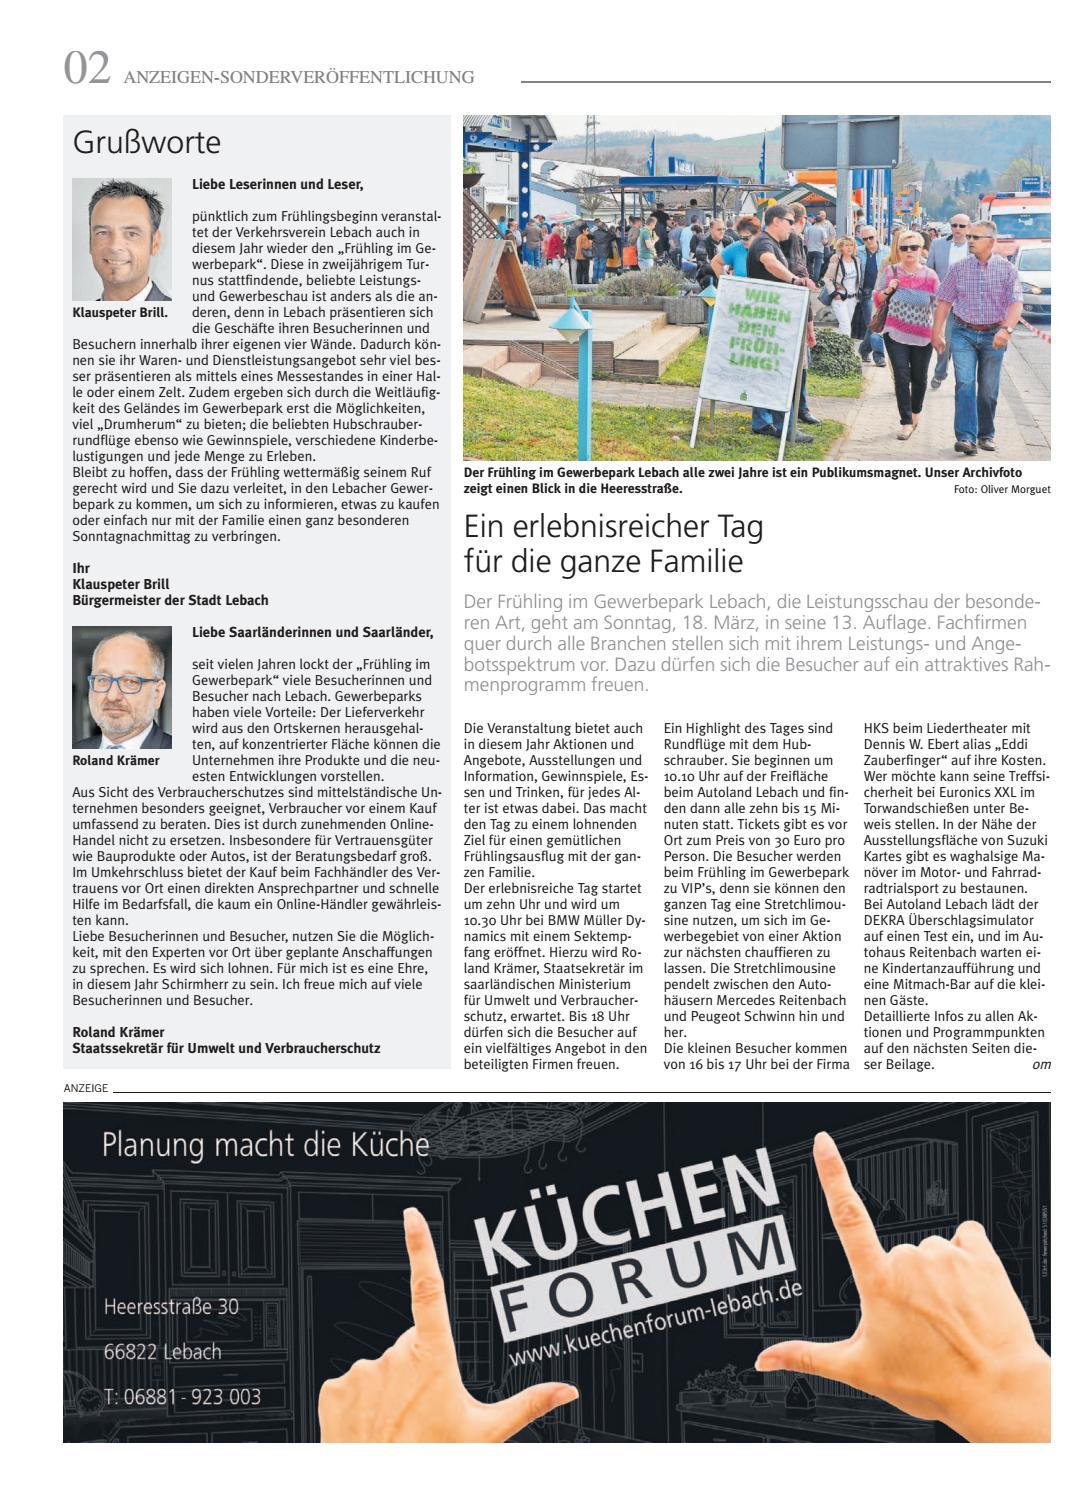 Gewerbepark Lebach 15 03 2018 By Saarbrucker Verlagsservice Gmbh Issuu